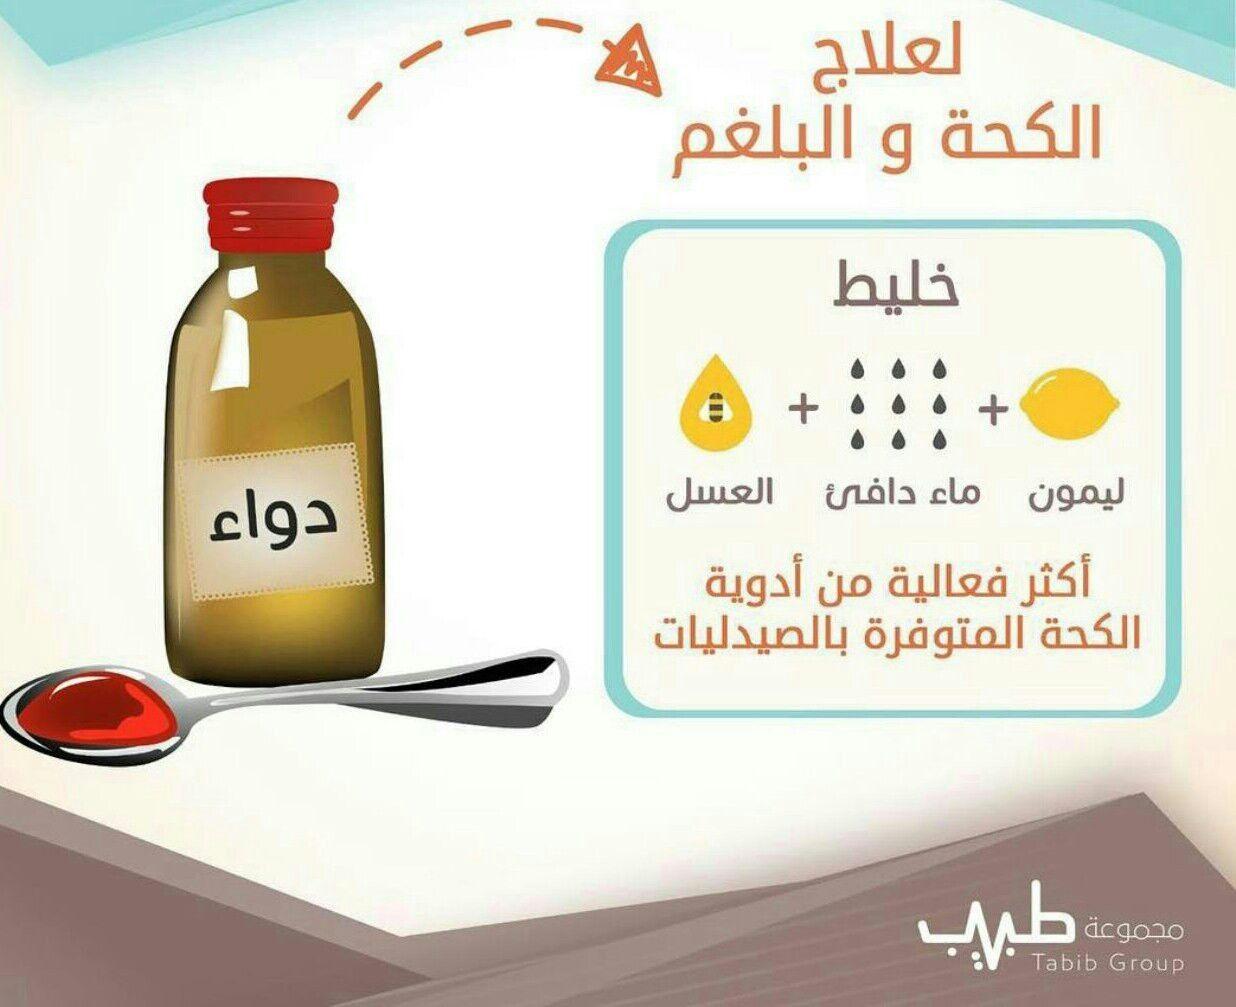 علاج الكحة بطرق طبيعية فى المنزل